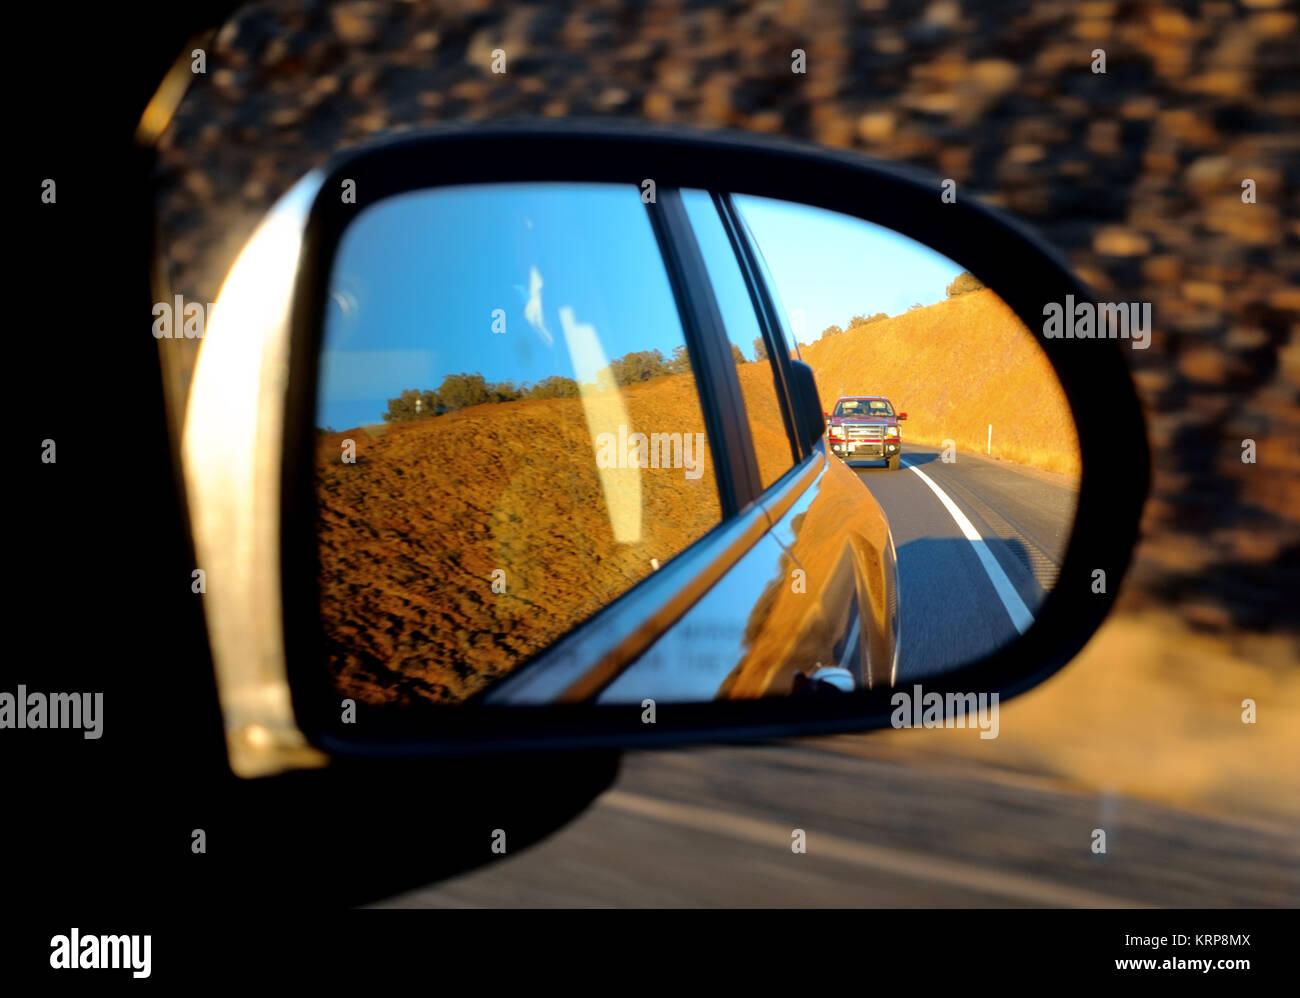 Lato destro sul retrovisore USA autostrada. Immagini Stock